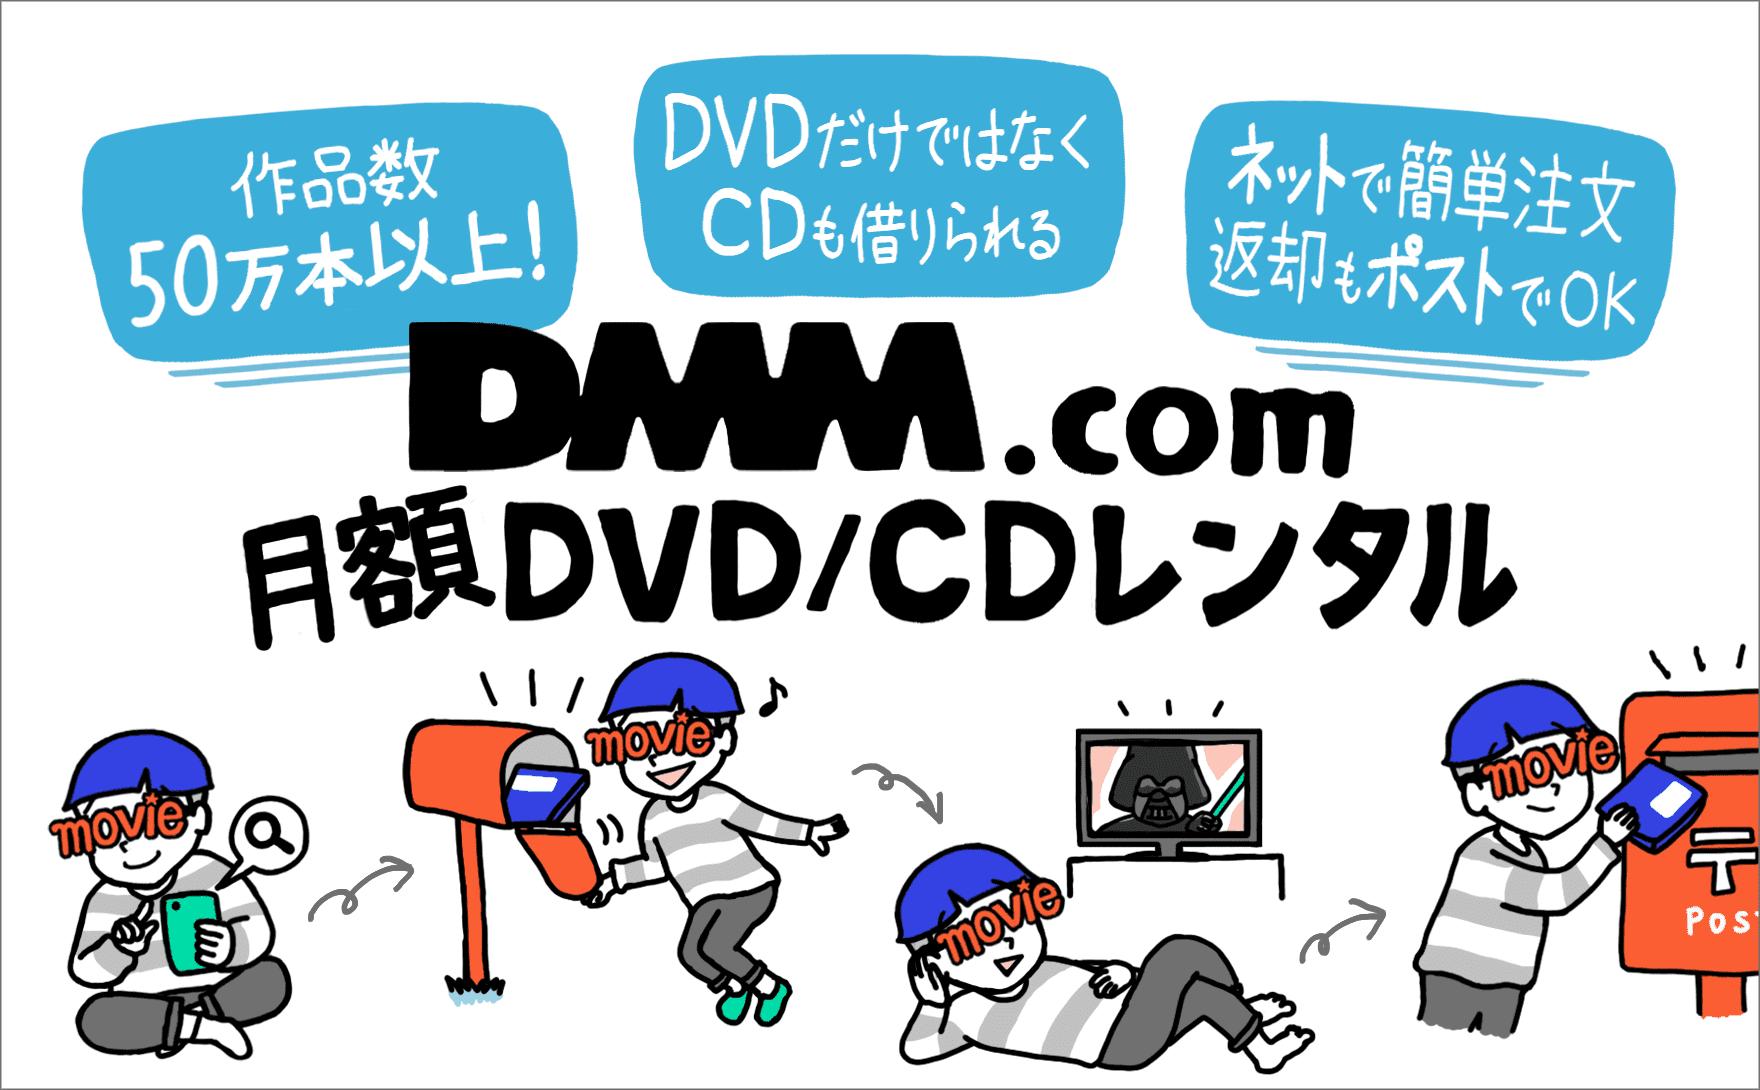 DMM.comの月額DVD/CD宅配レンタルを動画配信サービスよりおすすめする3つの理由